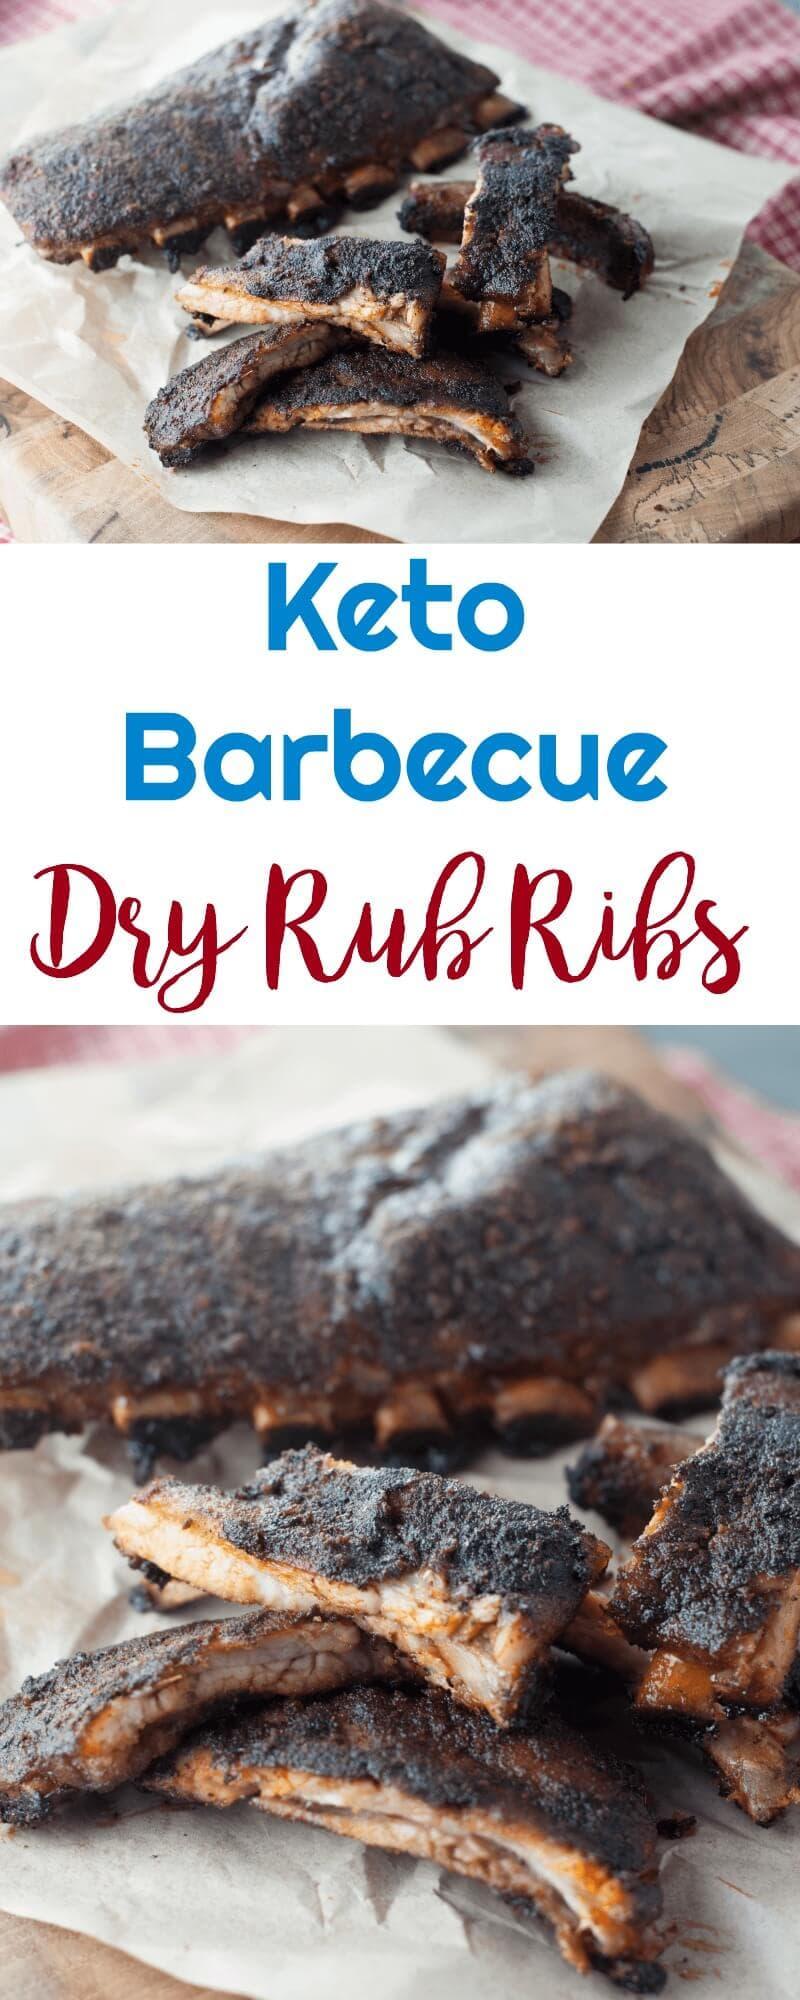 Keto Barbecue Dry Rub Ribs #lowcarb #keto #barbecue #ribs #lowcarbhighfat #ketorecipes #lowcarbrecipes